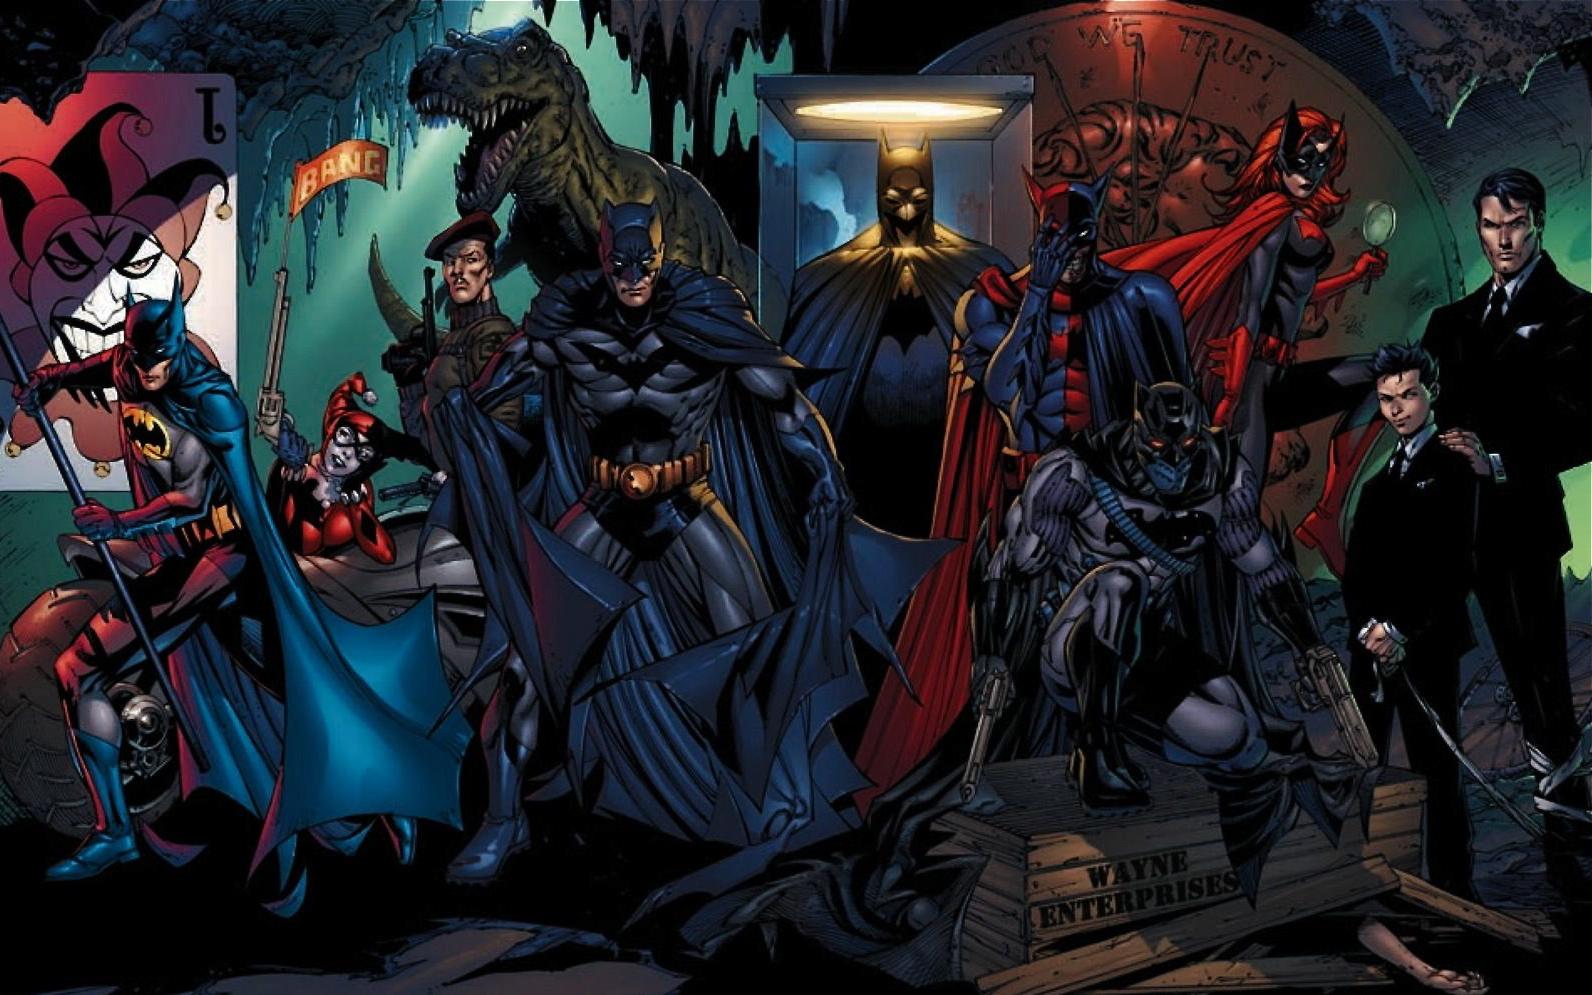 Batcave batman batwoman dc comics wallpaper HQ WALLPAPER   168248 1592x995